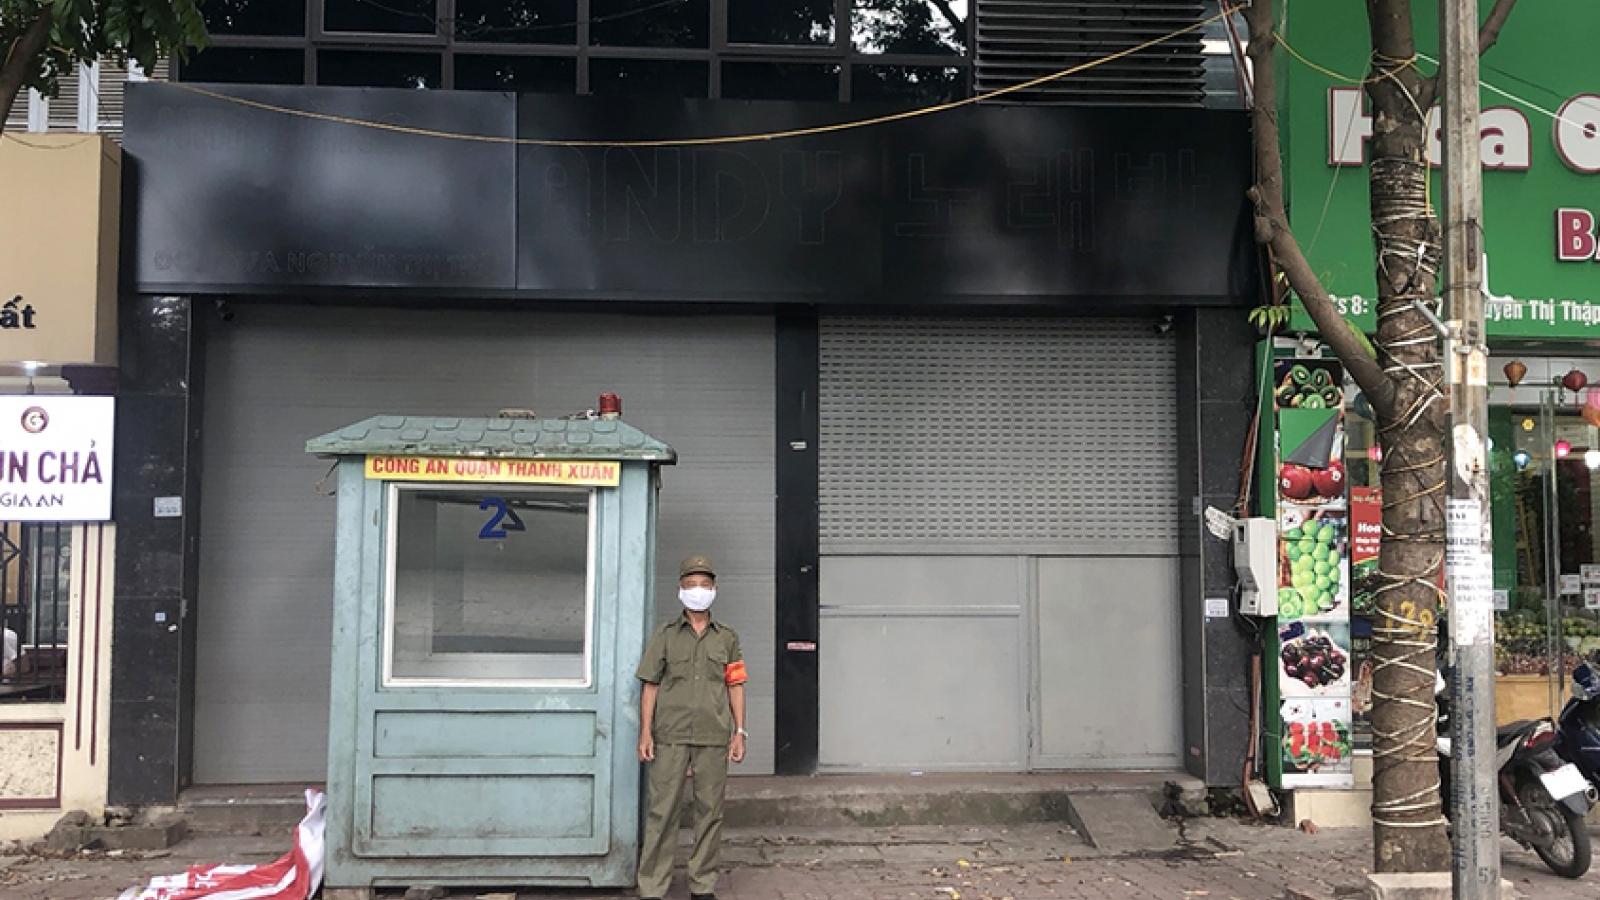 Hà Nội xử phạt 37,5 triệu đồng với hoạt động karaoke không phép